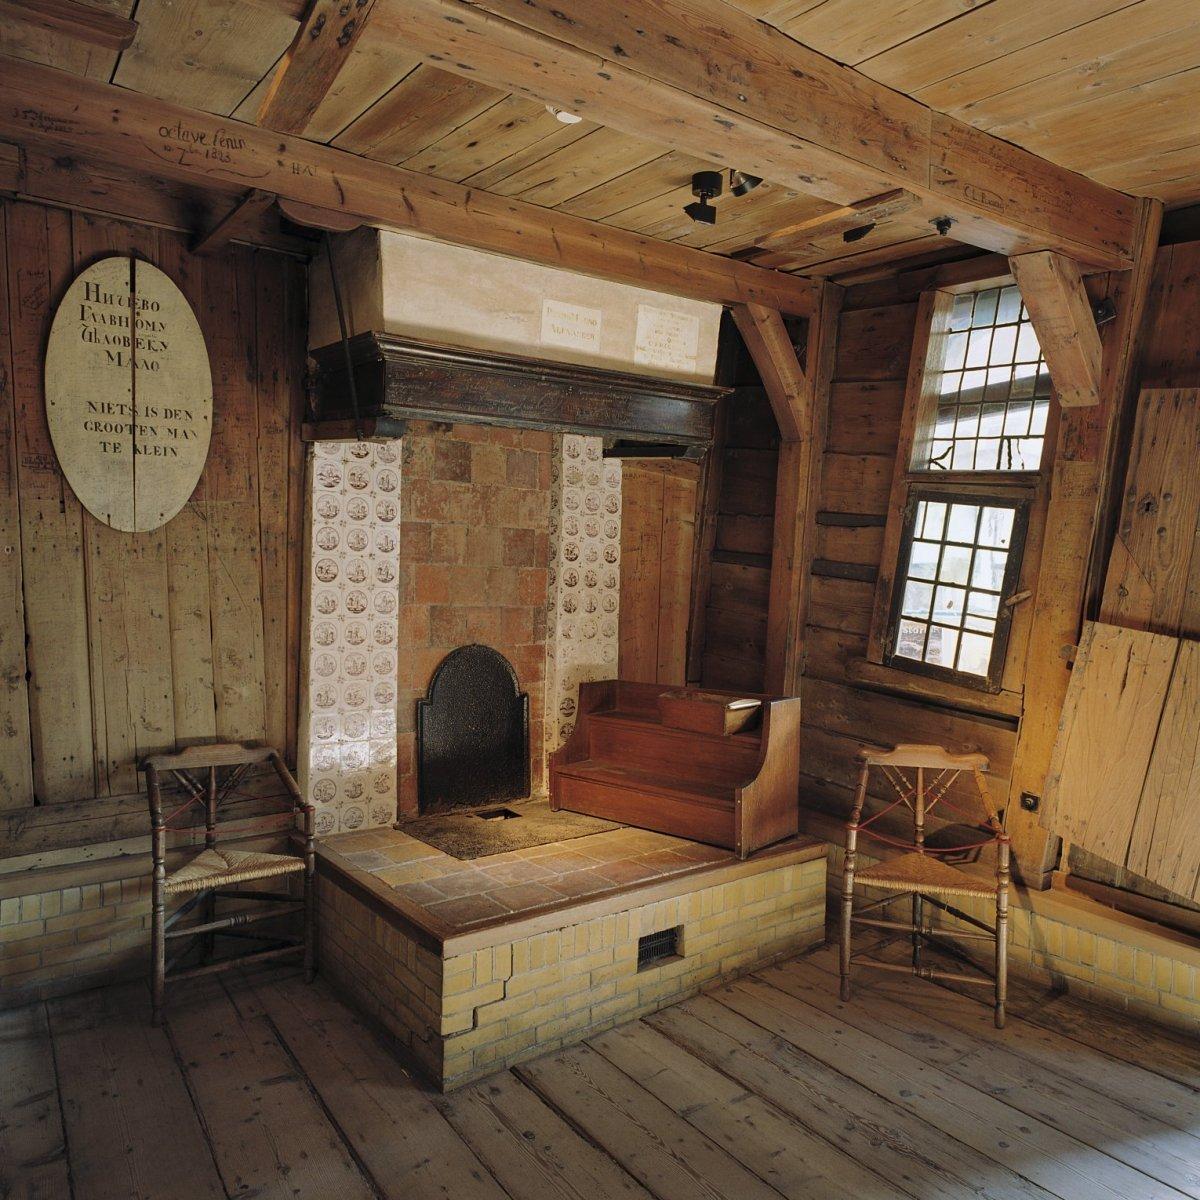 file interieur overzicht van de schouw in het interieur van het houten huis binnen het stenen